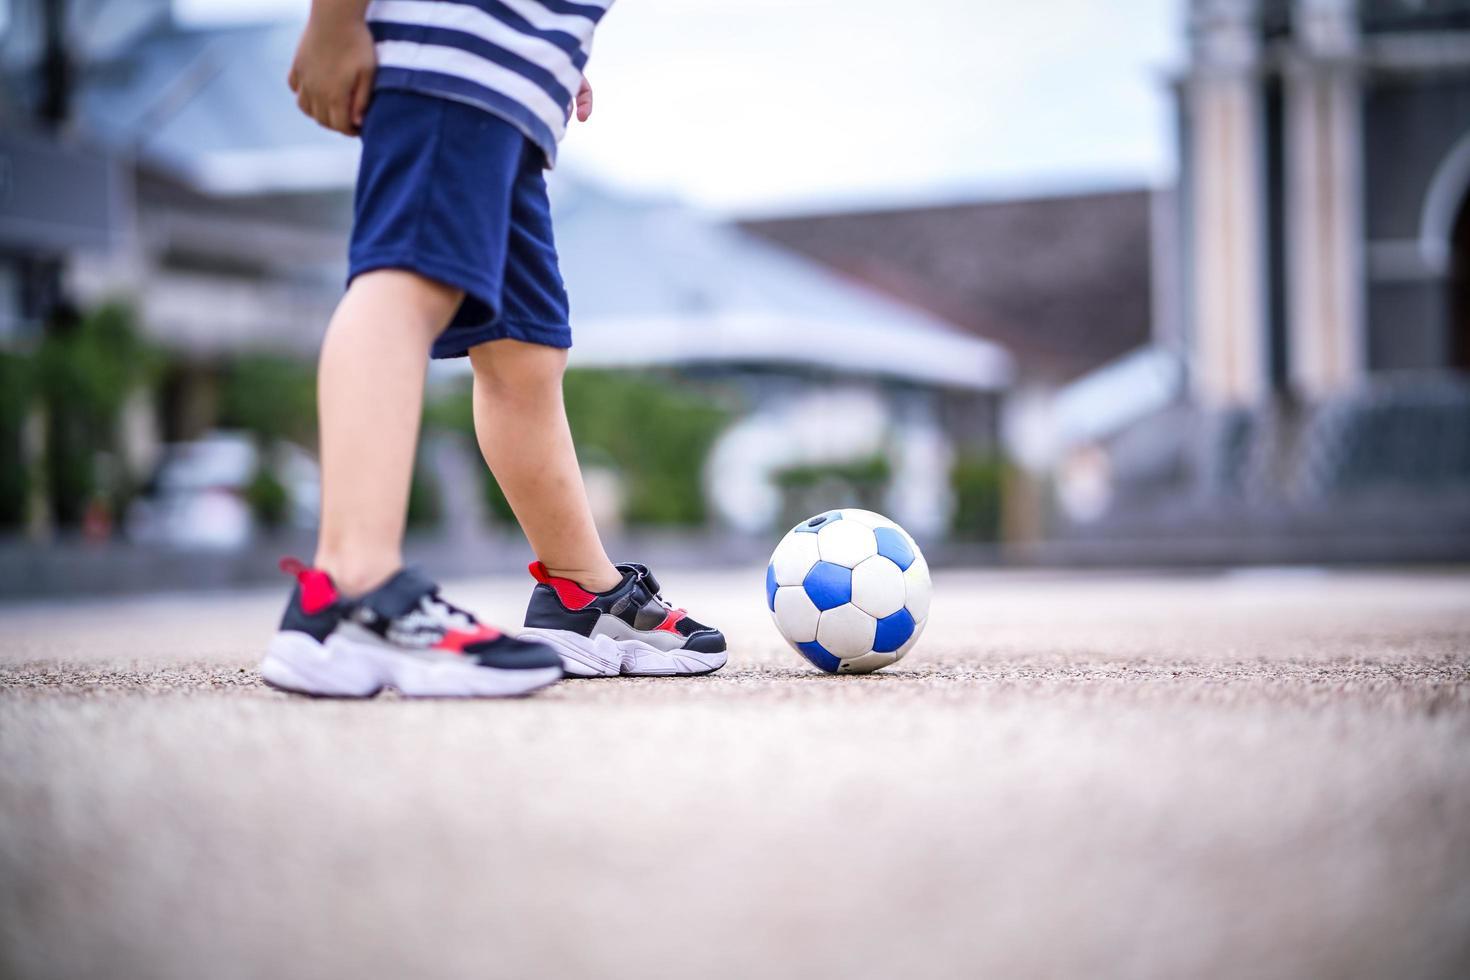 ragazzino con pallone da calcio foto